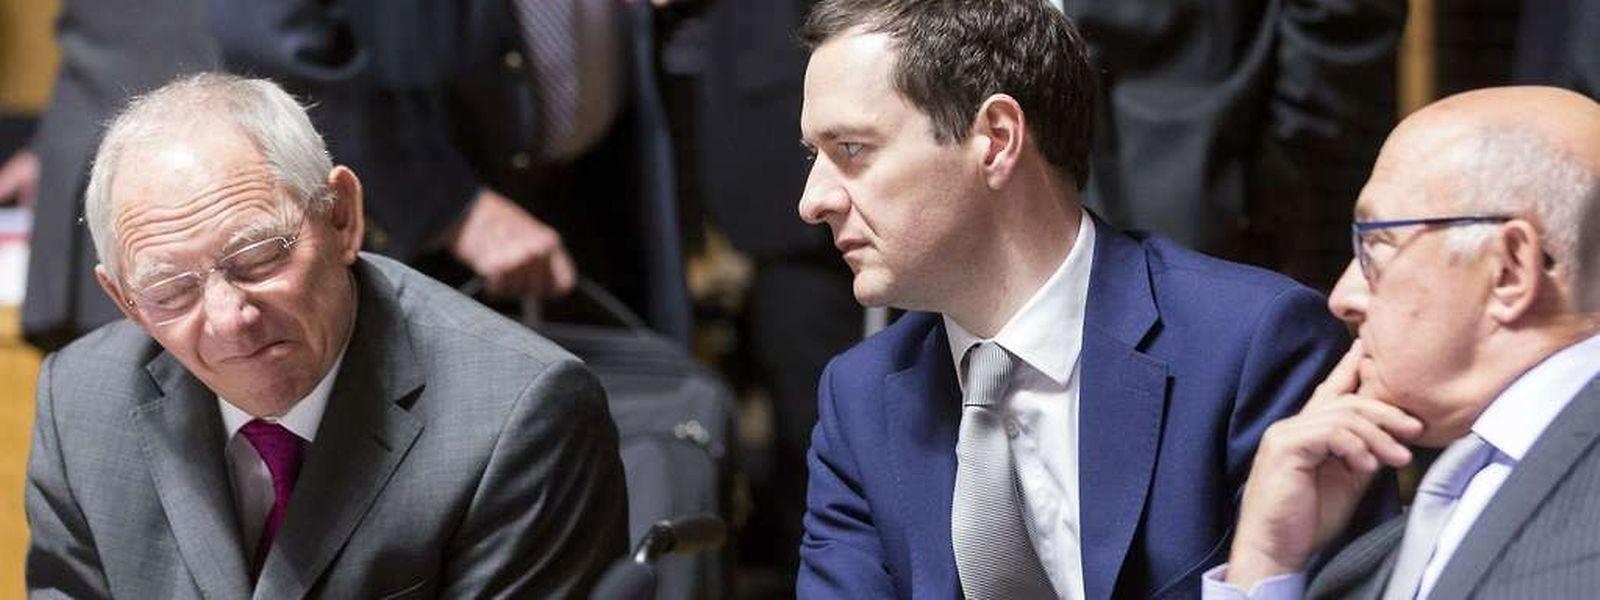 Les ministres des Finances de l'UE ont adopté vendredi une position commune sur le projet européen de réforme structurelle des banques. (Photo: AFP)